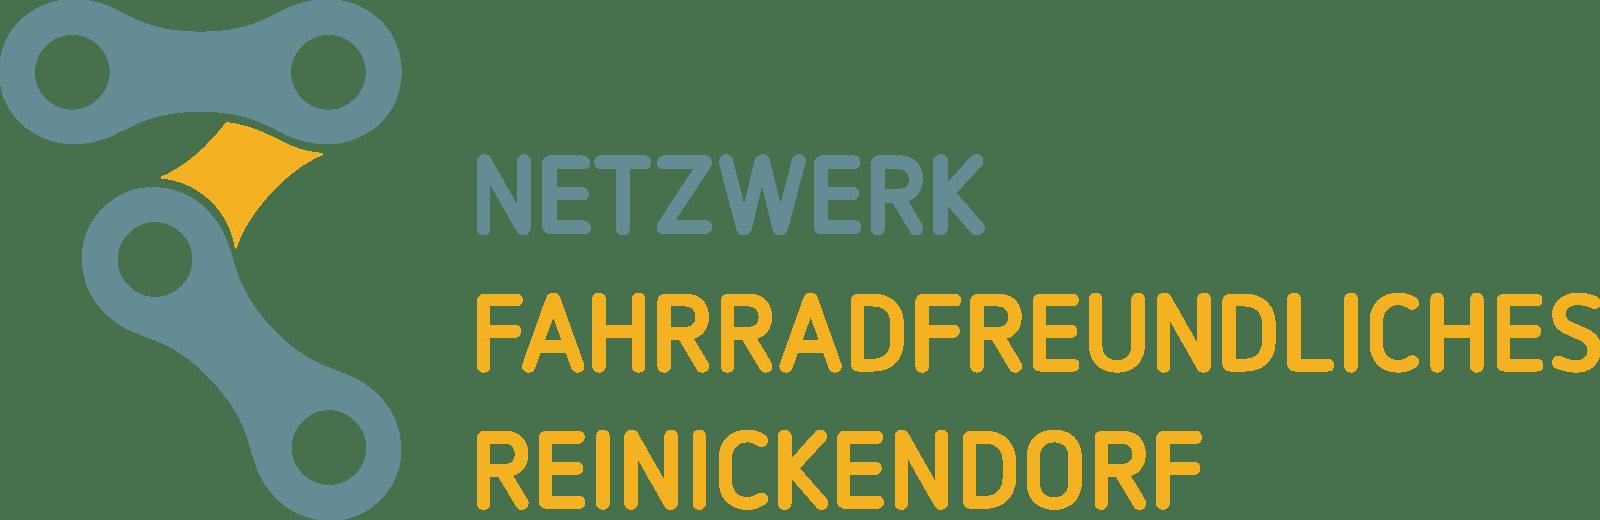 Fahrradfreundliches Reinickendorf